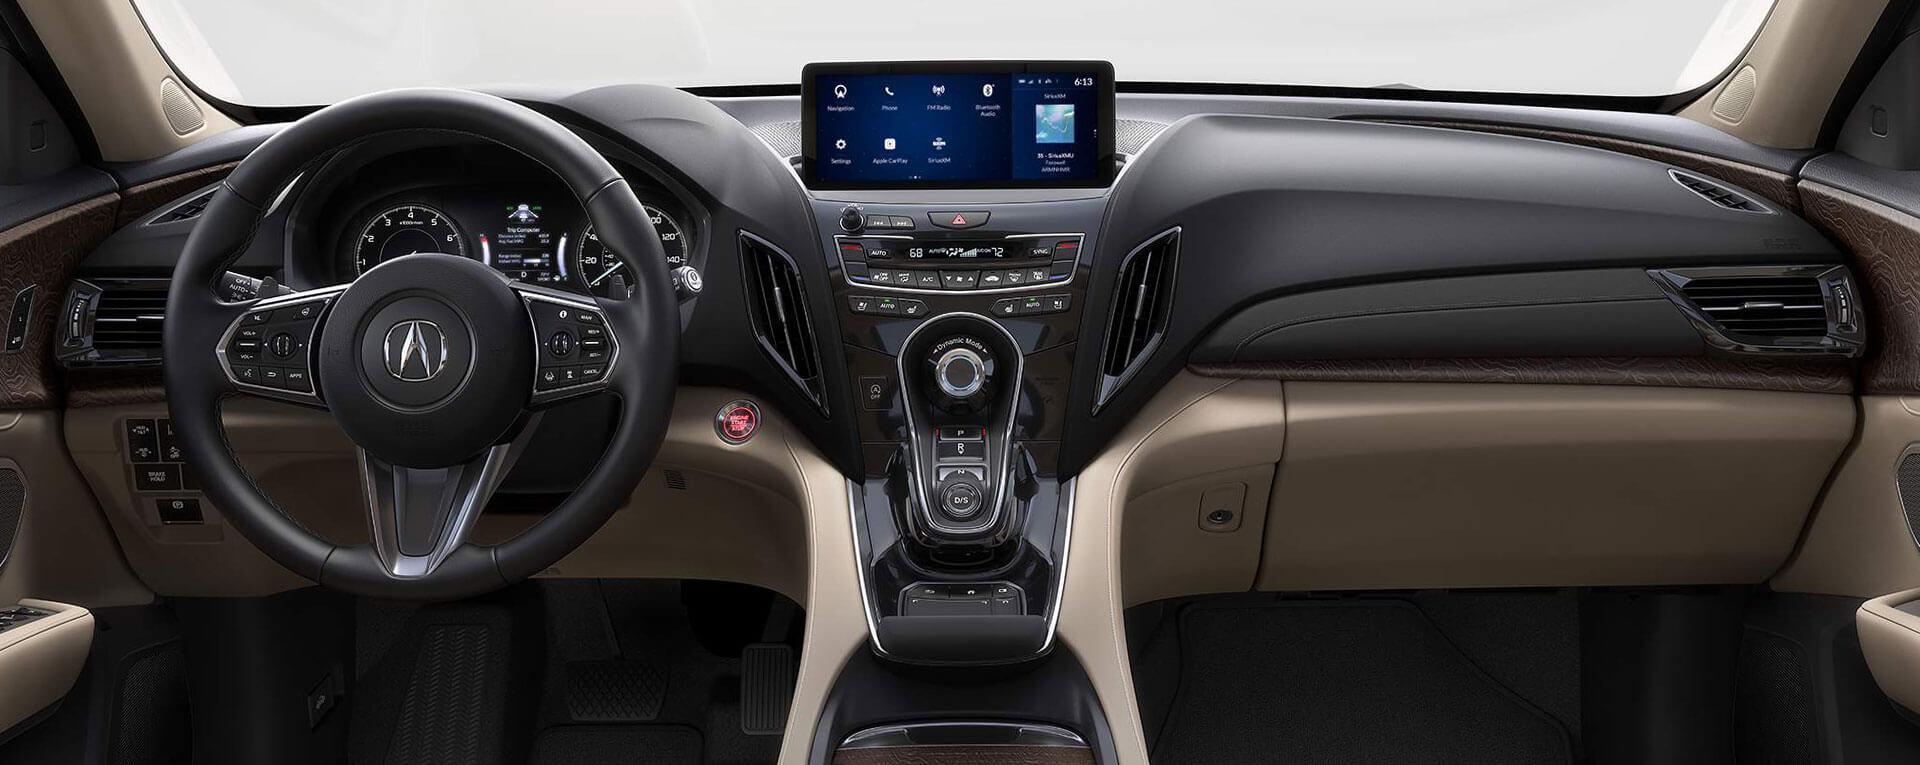 2019 Acura Rdx Dallas Forth Worth Acura Dealers